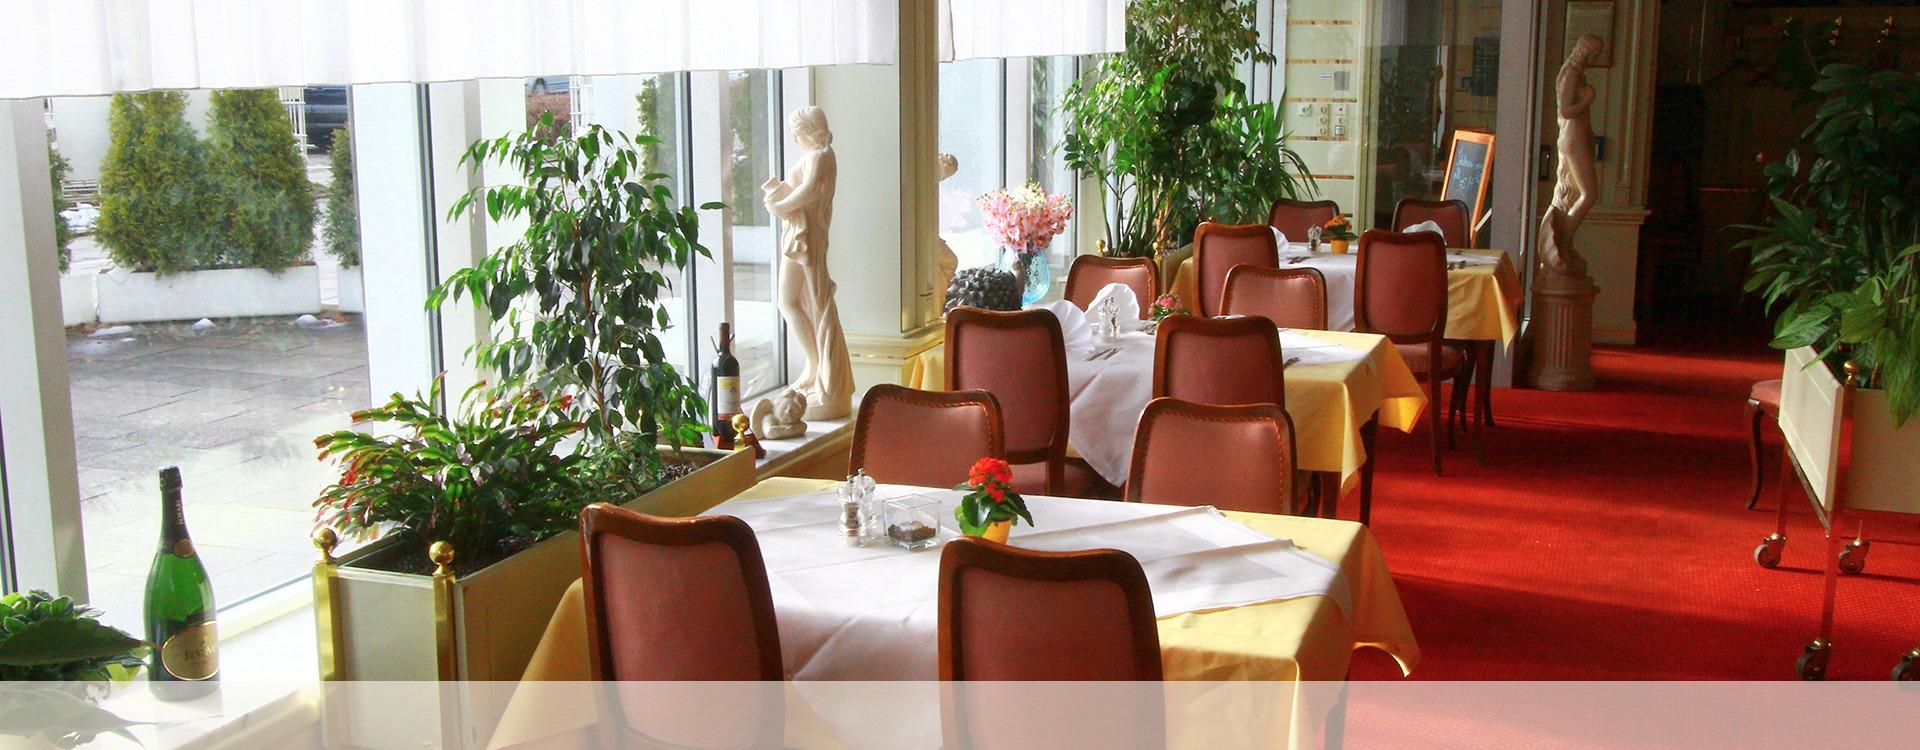 Hotel italienisches Restaurant in Eichenau